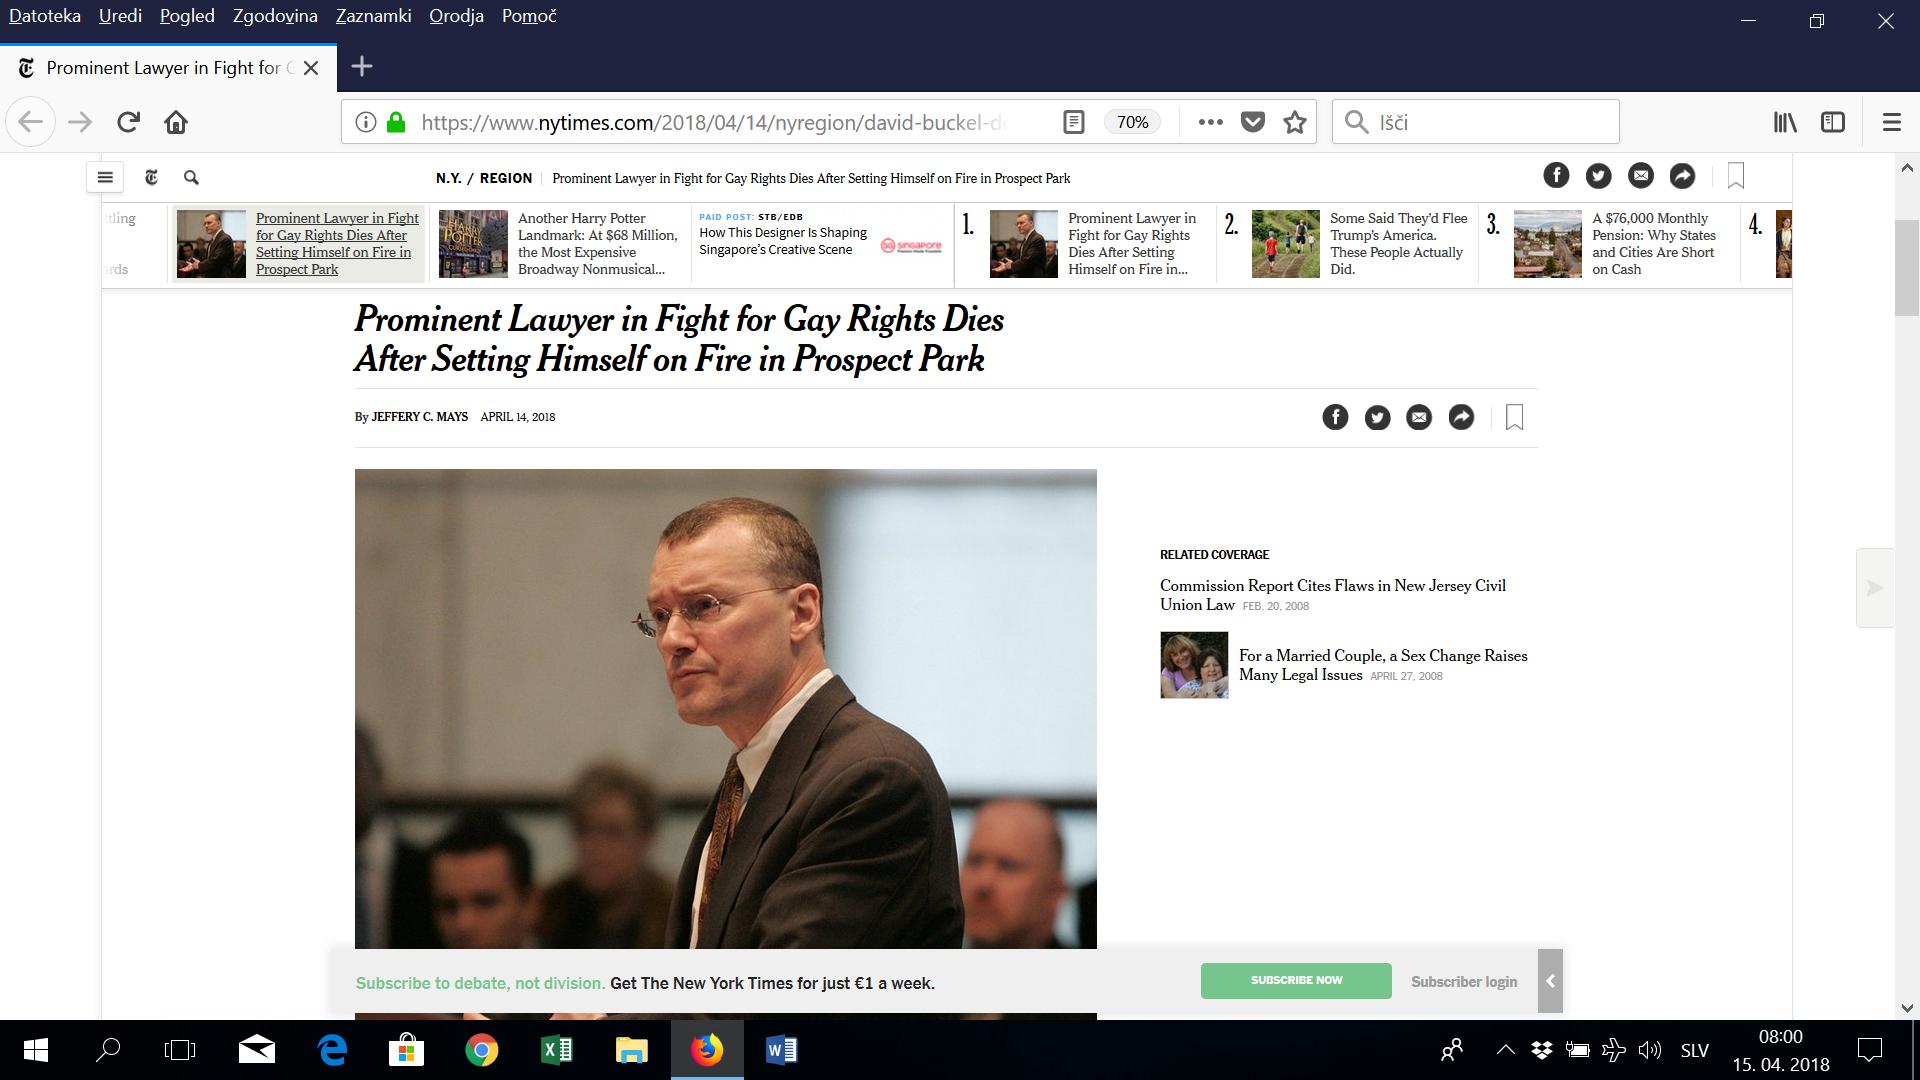 Ameriški odvetnik s samozažigom pozval k odgovornejšemu ravnanju z okoljem